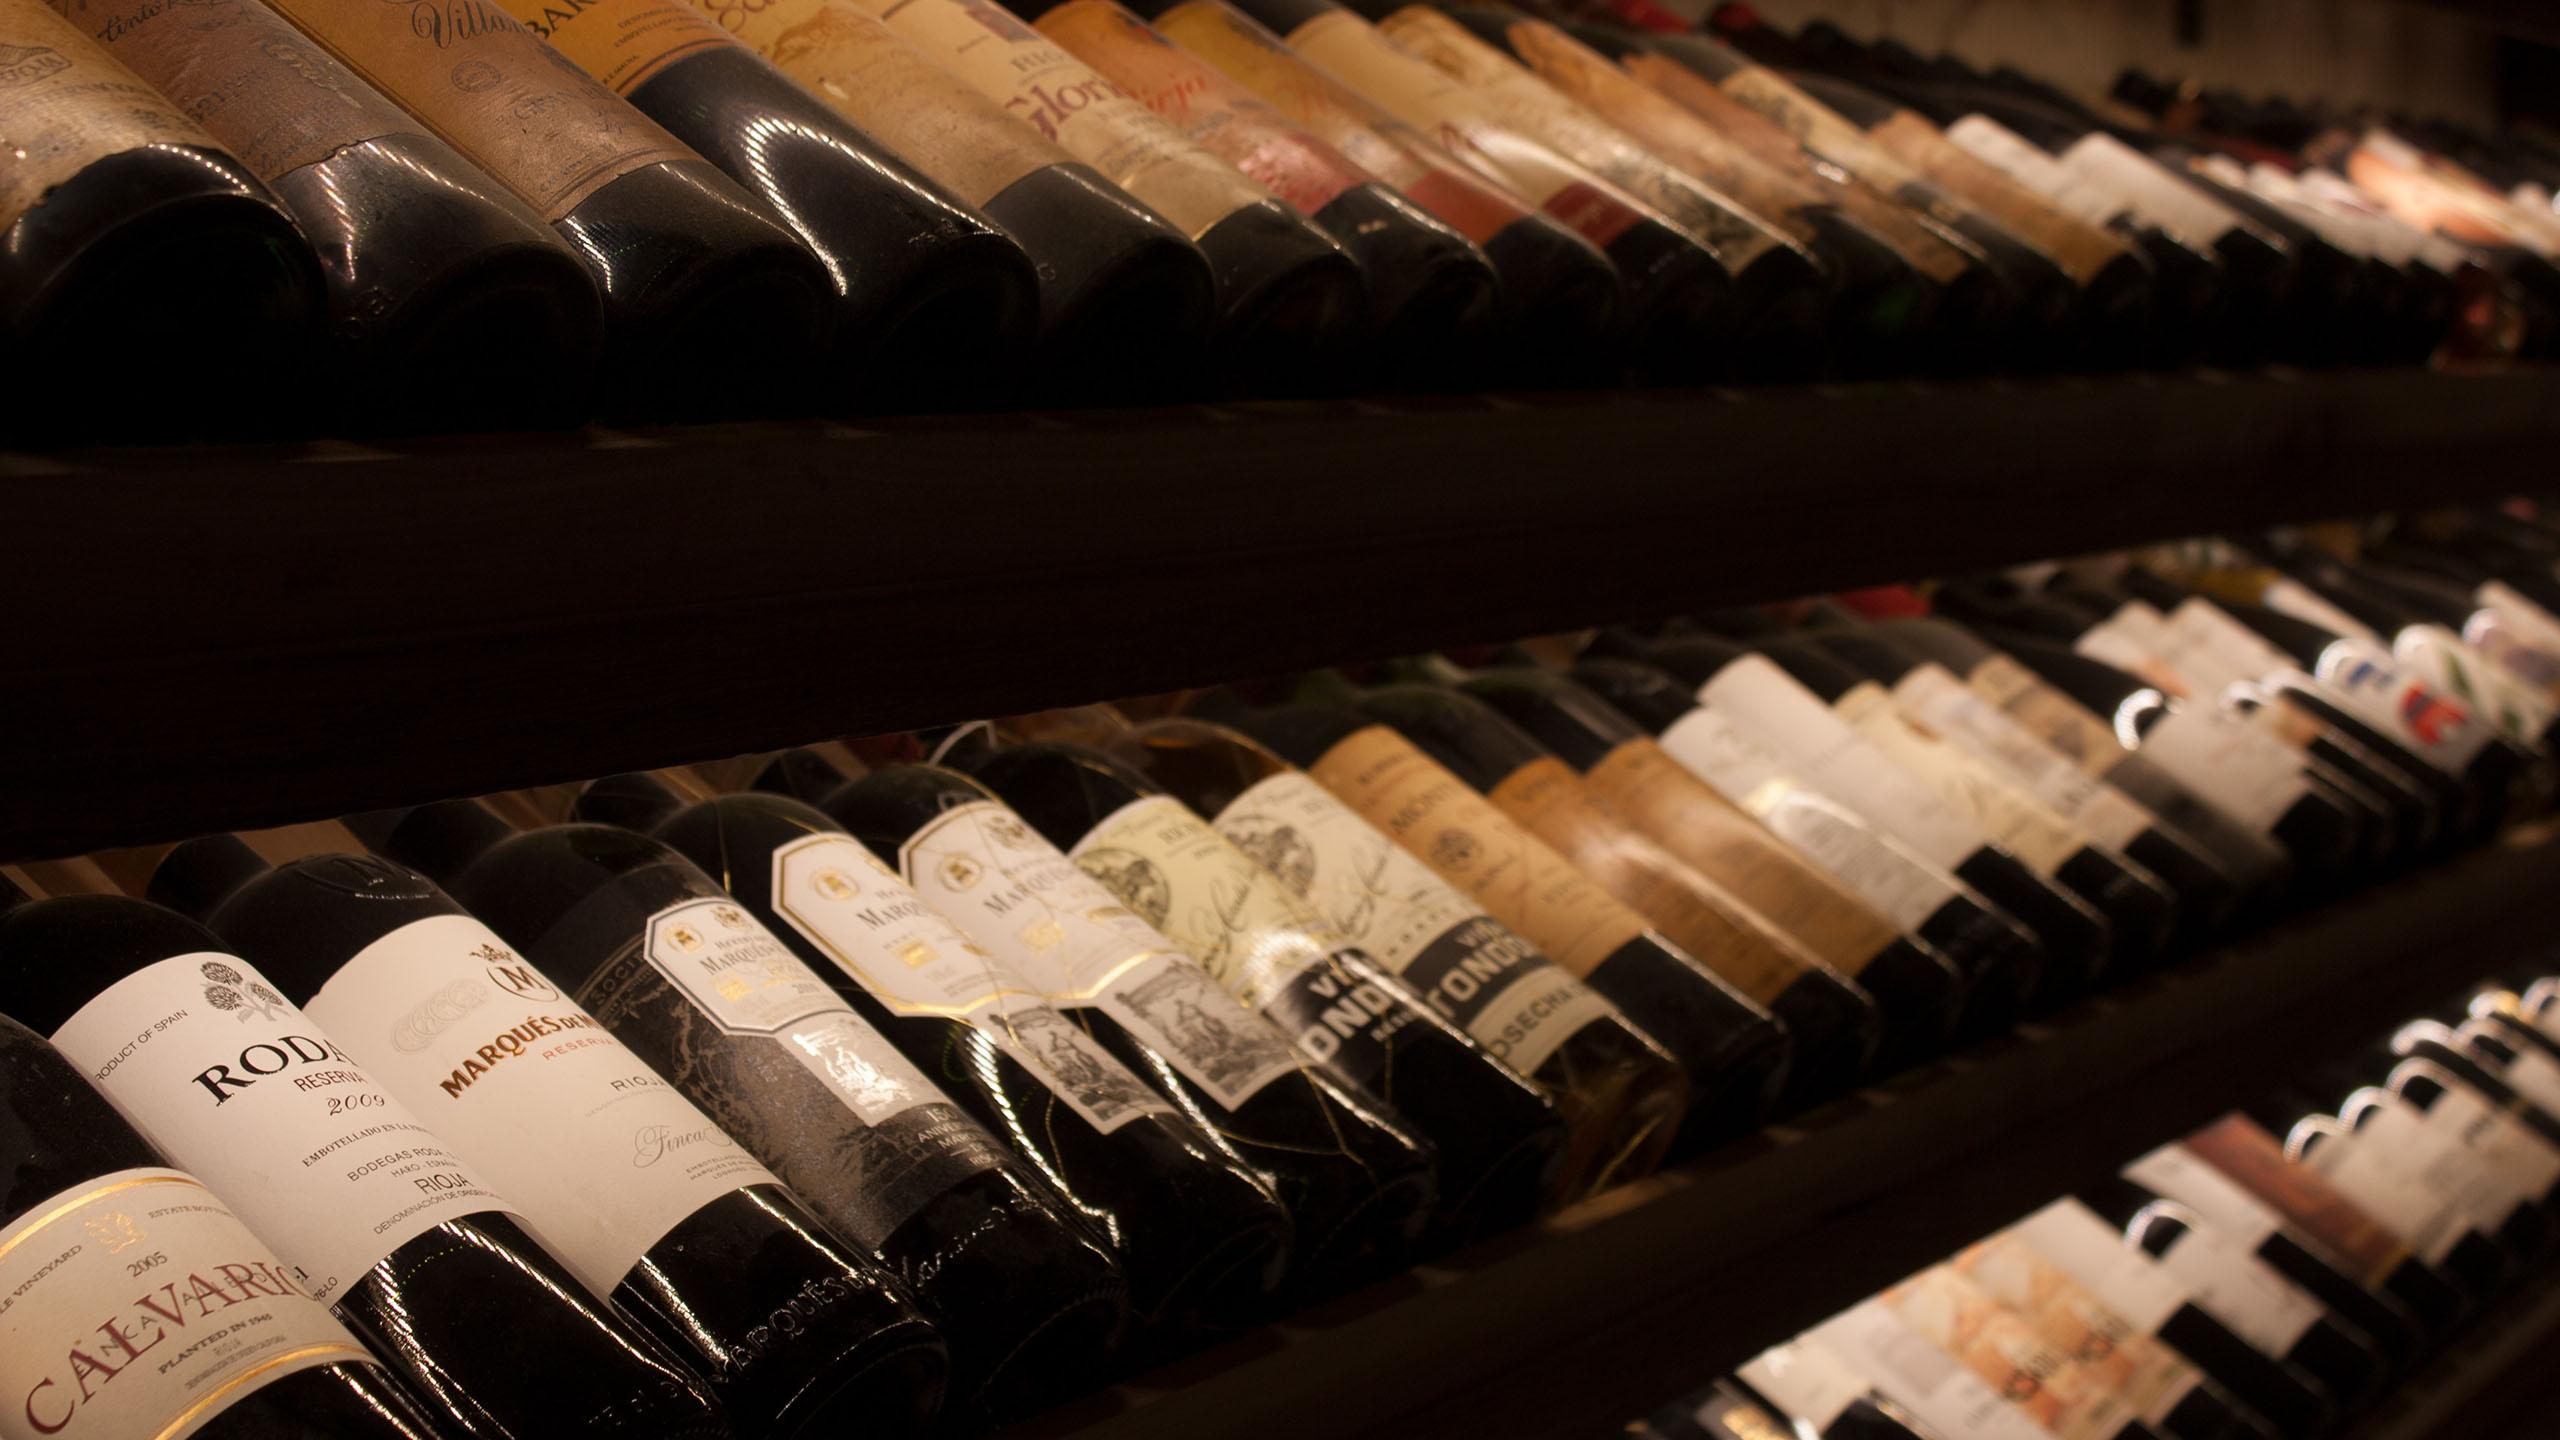 vinos, barrica de vinos, vinos de guarda, añejamiento